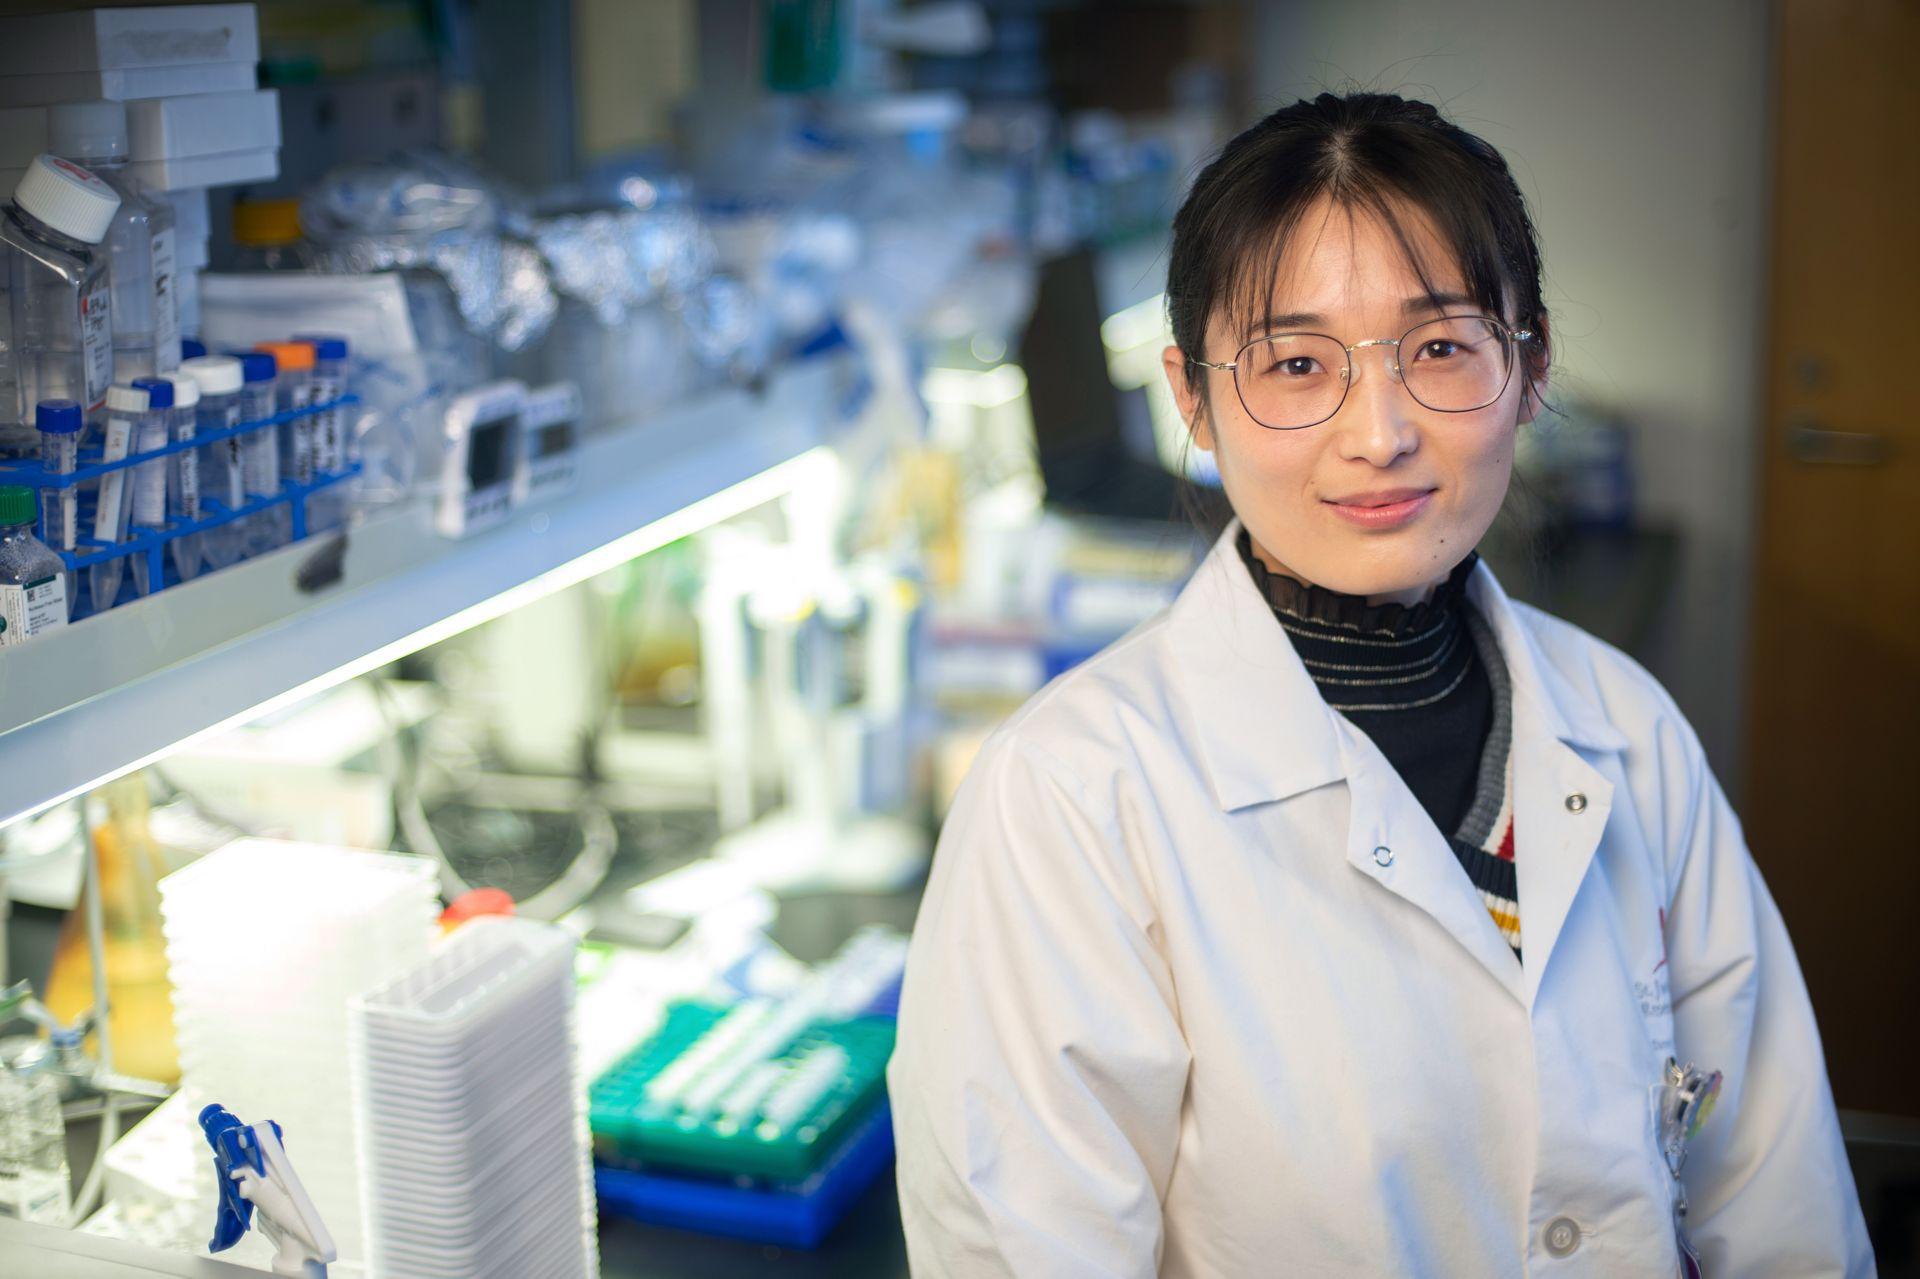 Menglin Jiang, MS